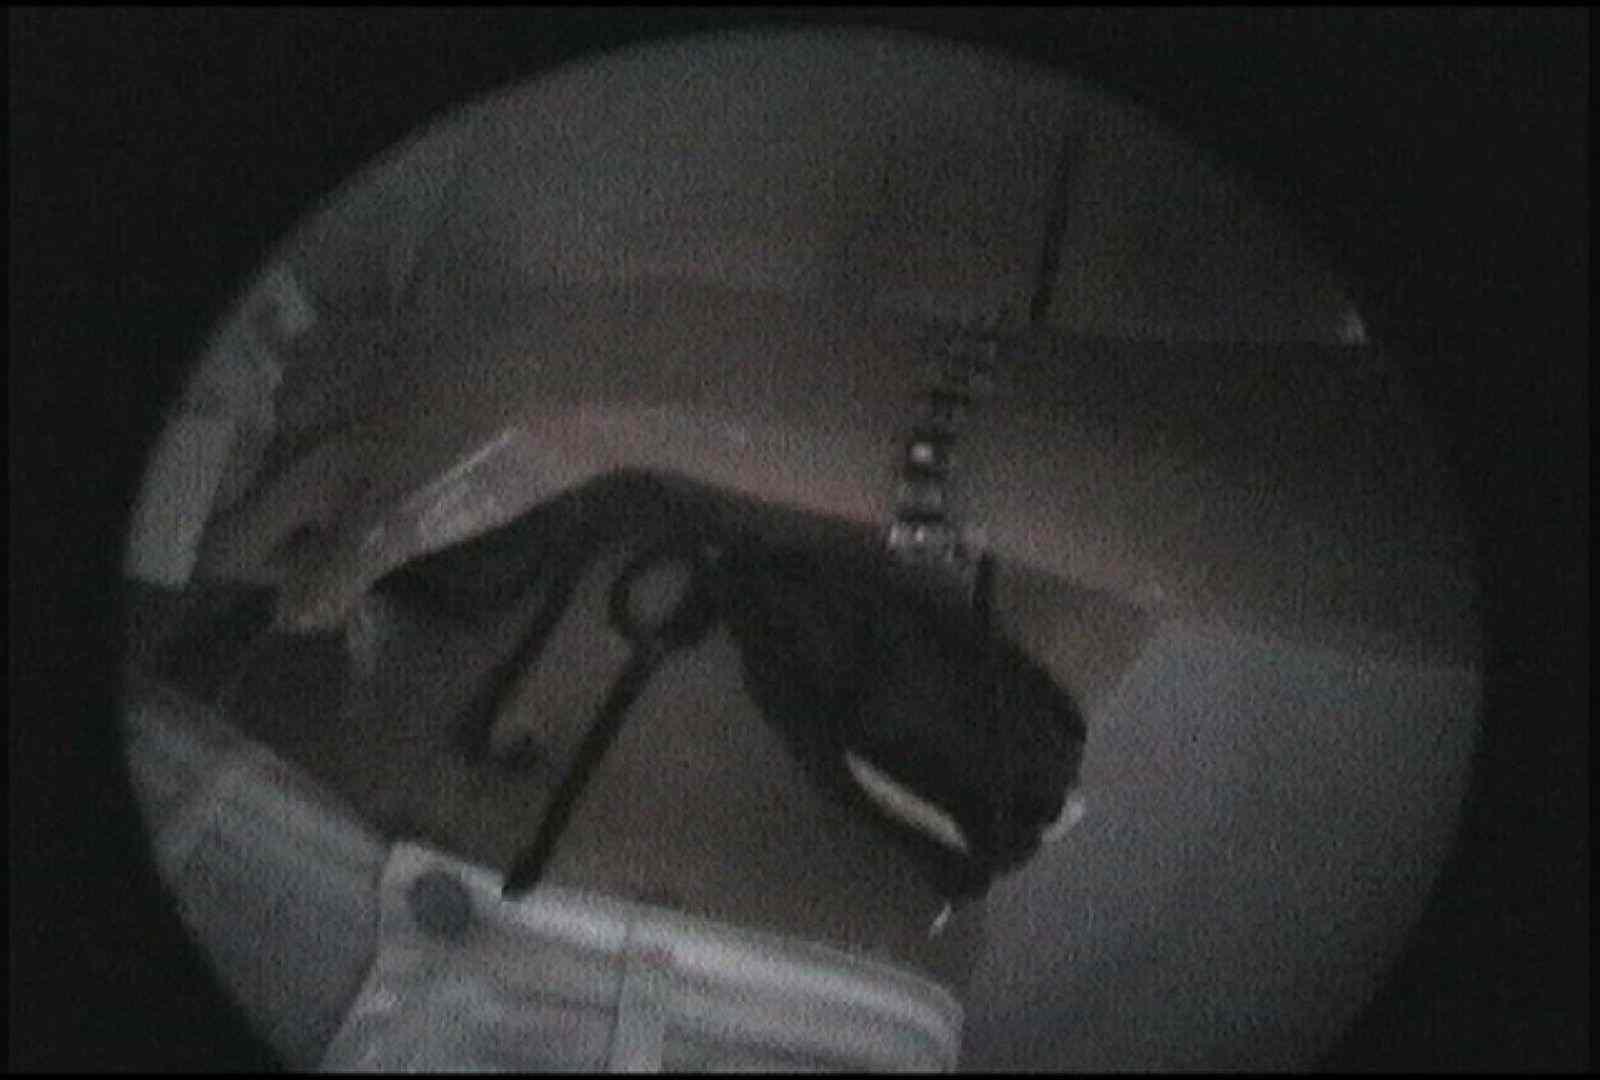 トイレ盗撮|No.124 暗いですが美人 垂れたおっぱいがそそります|怪盗ジョーカー